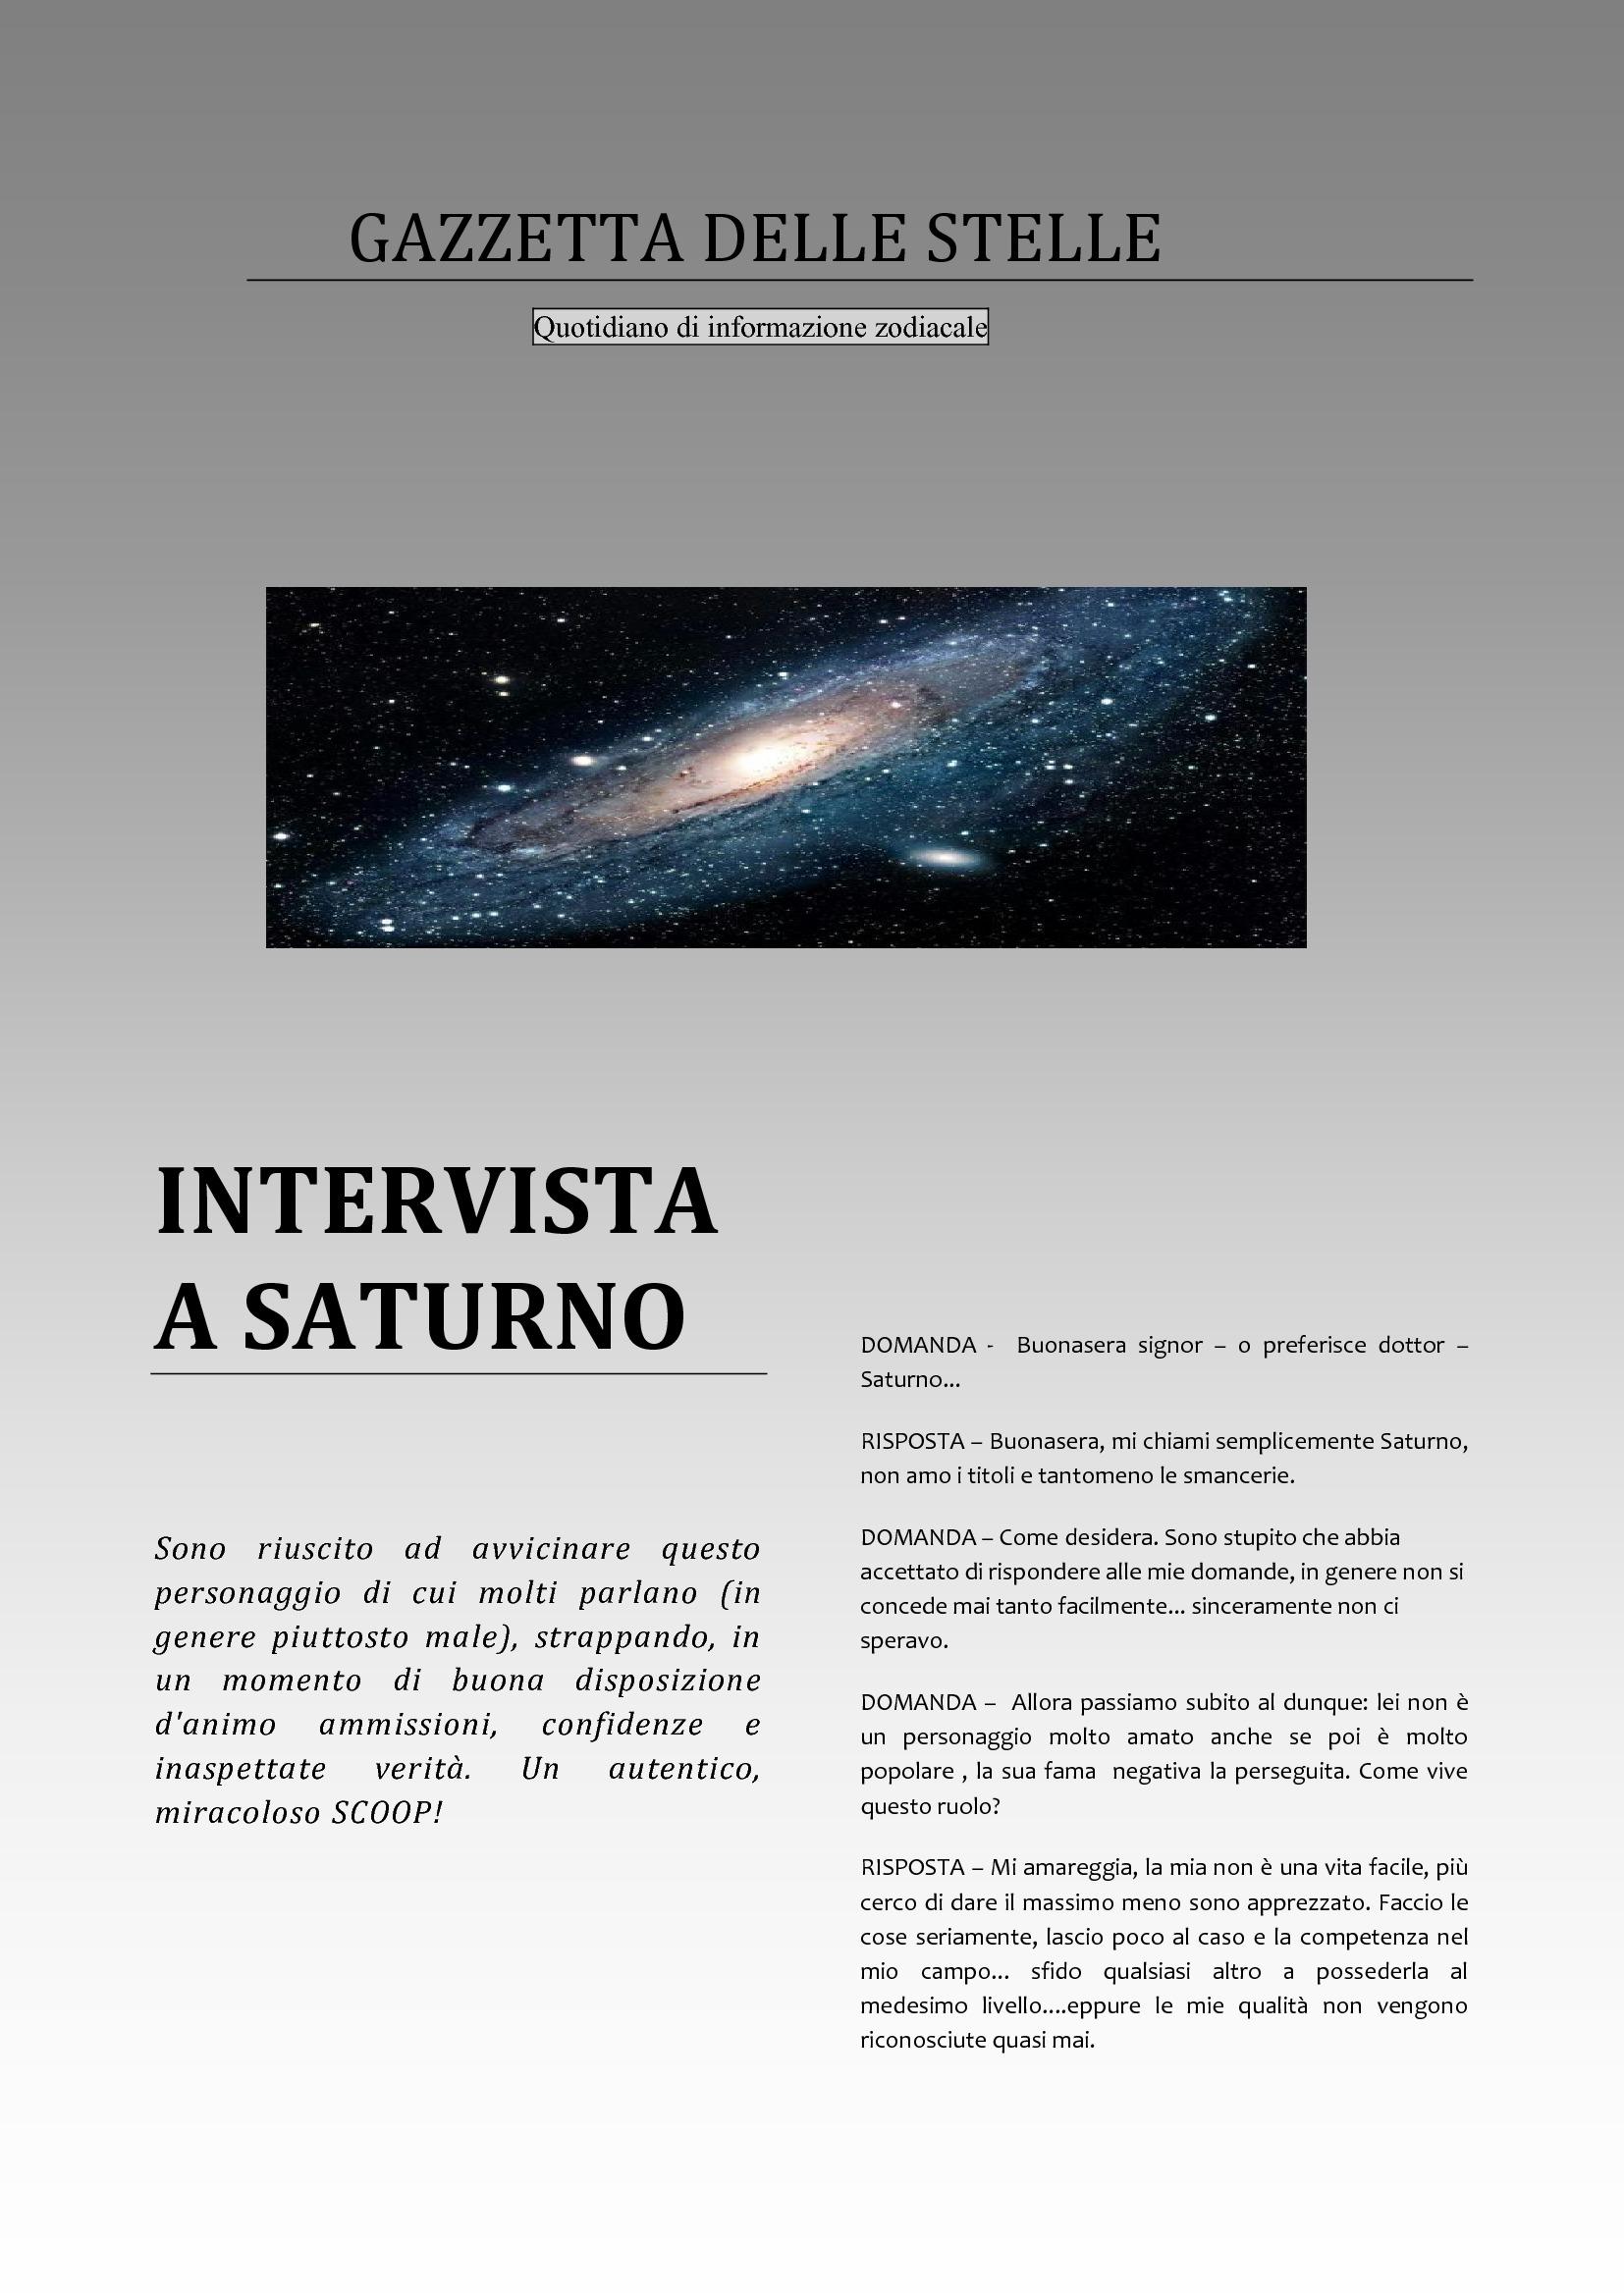 intervista a saturno-0